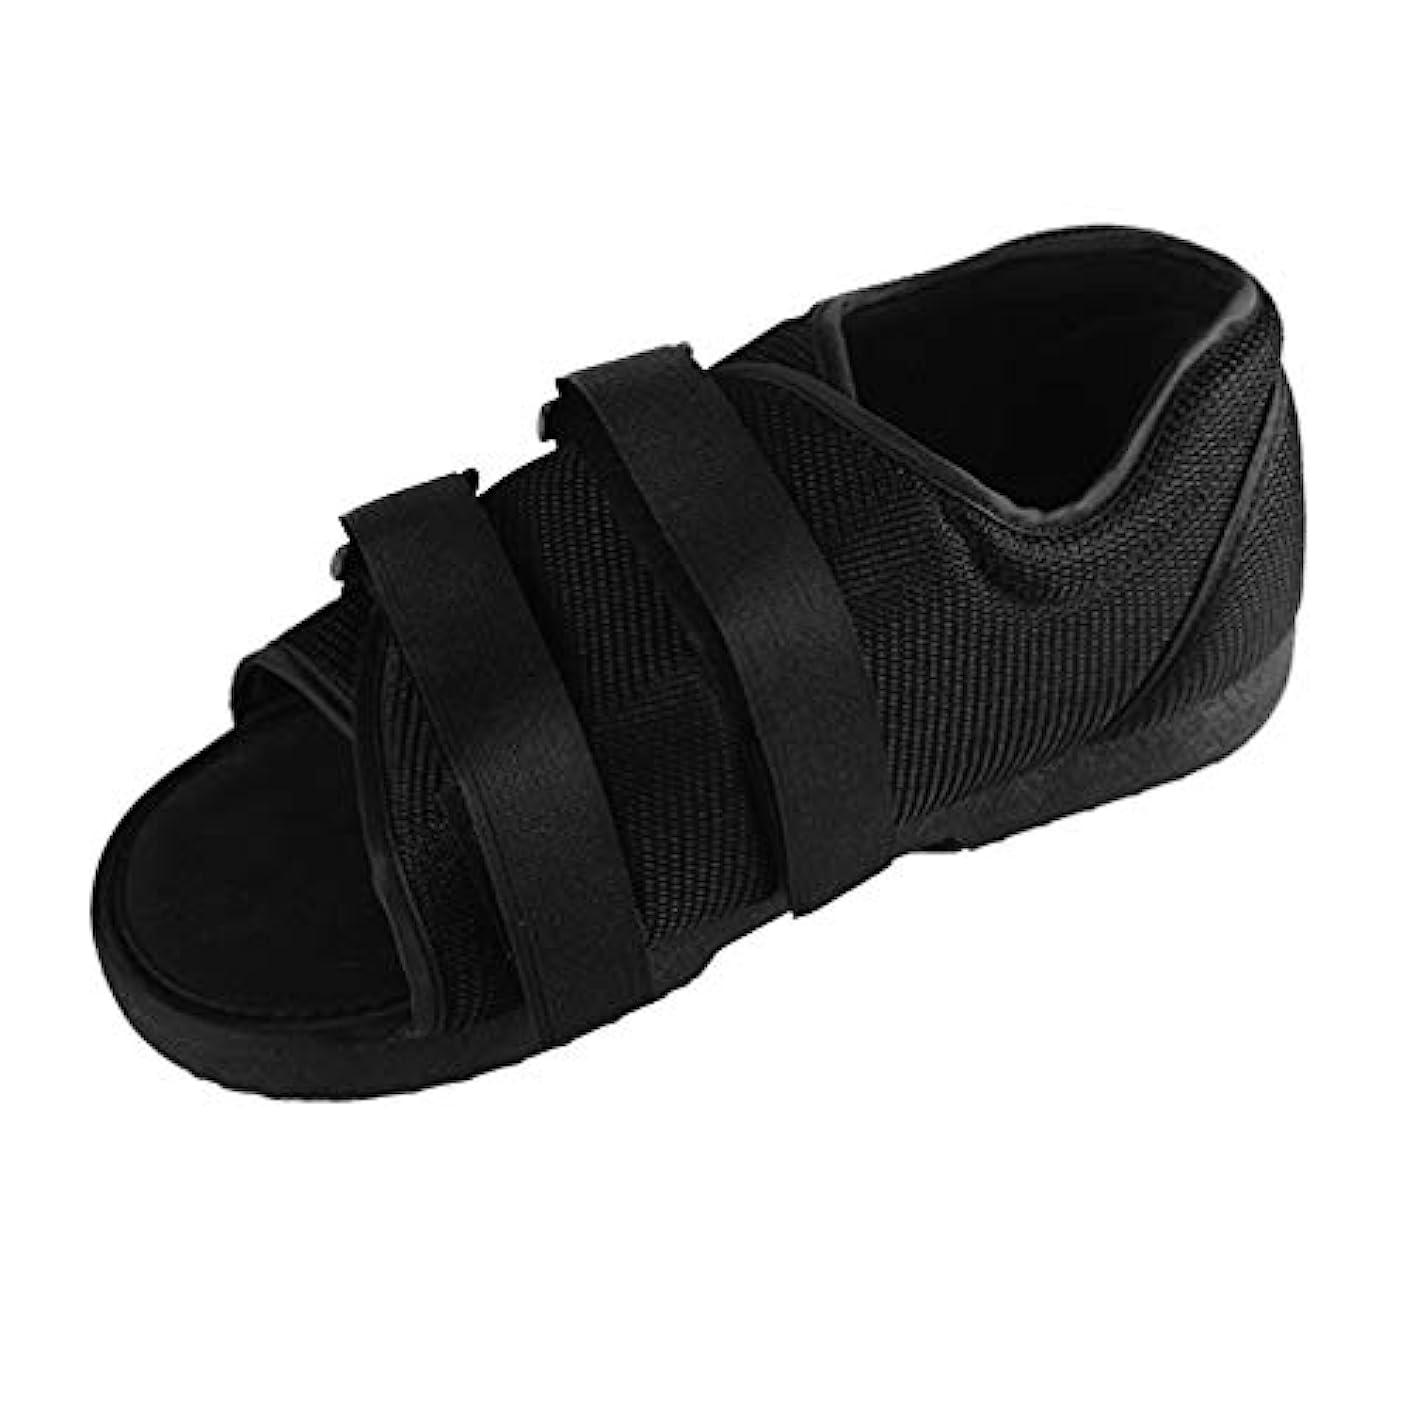 汚れたインチ架空のHealifty 手術後の靴メディカルウォーキングシューズ調節可能なストラップ怪我変形親指外反靴足の骨折患者(wm黒)